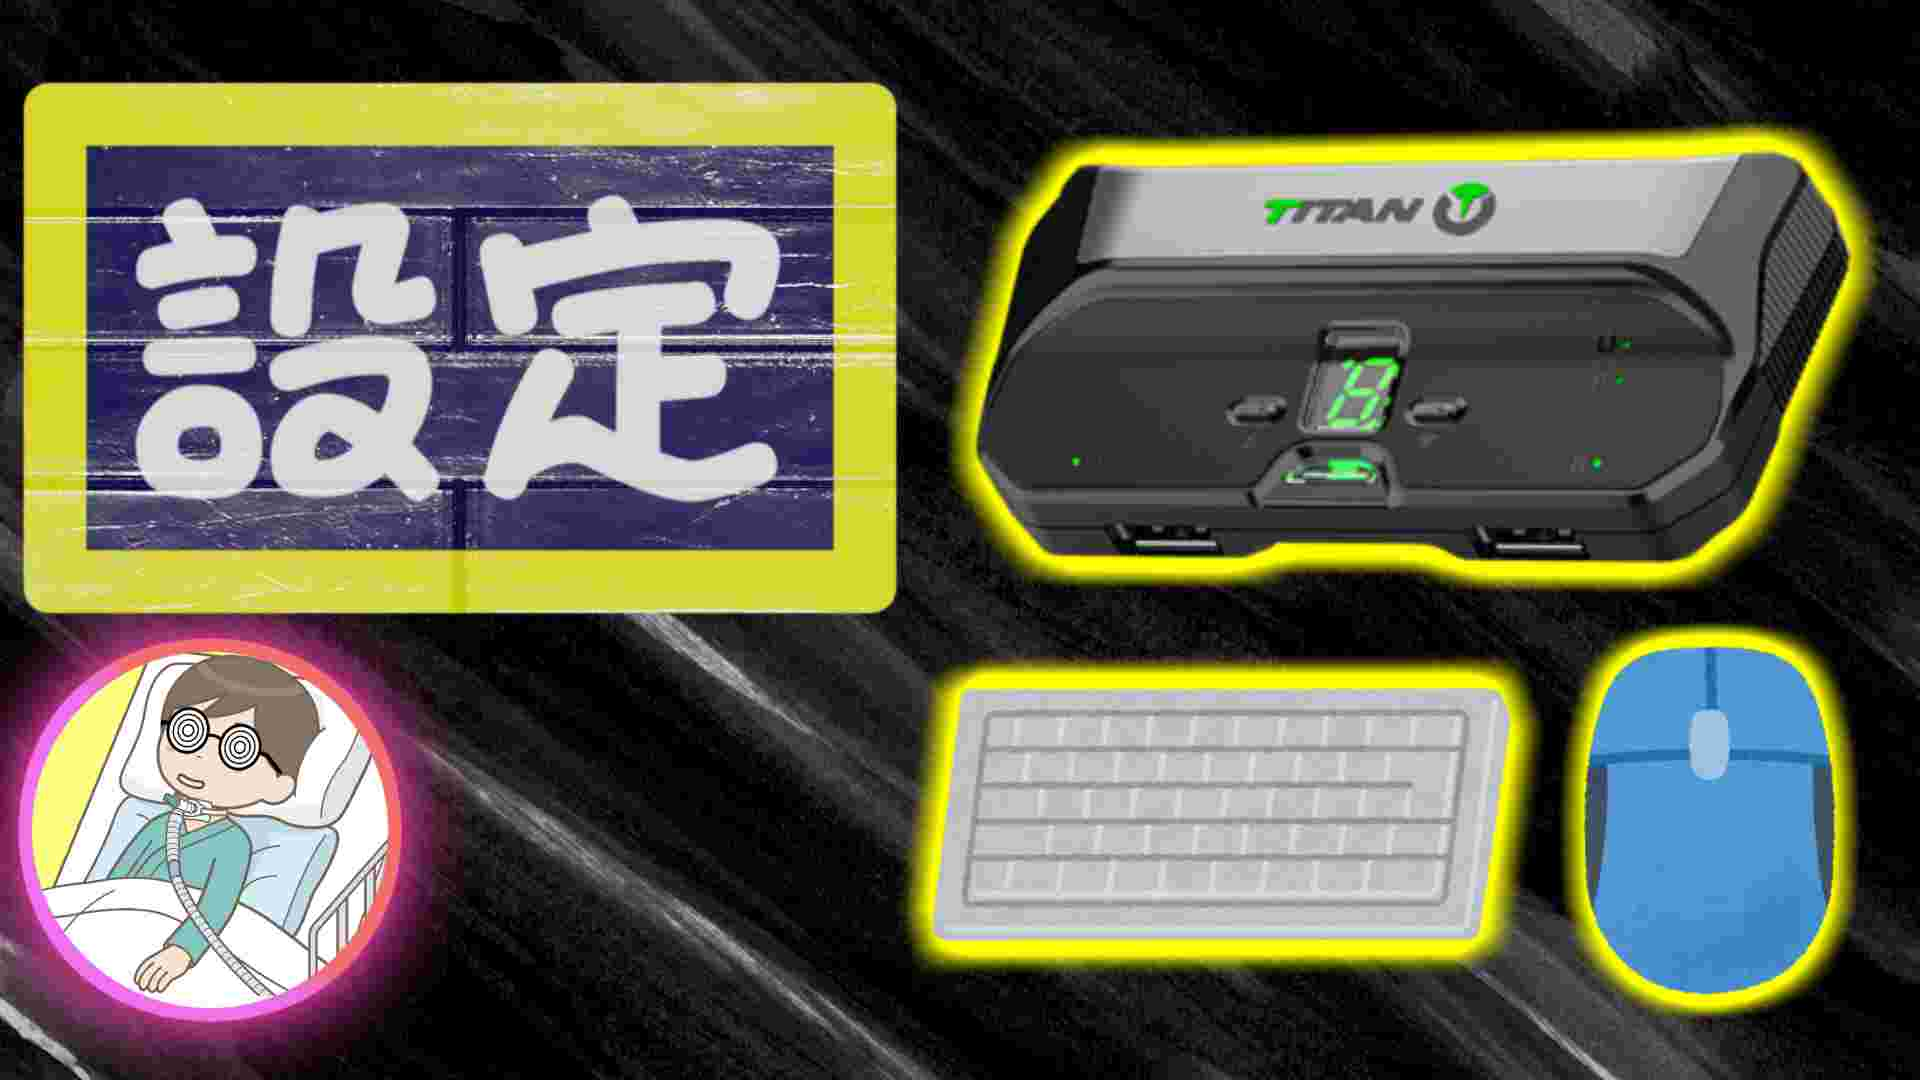 ブログ記事「コンバーターTitan Twoのキーボード/マウス設定方法【福祉用途にも使える!】」のサムネイル画像